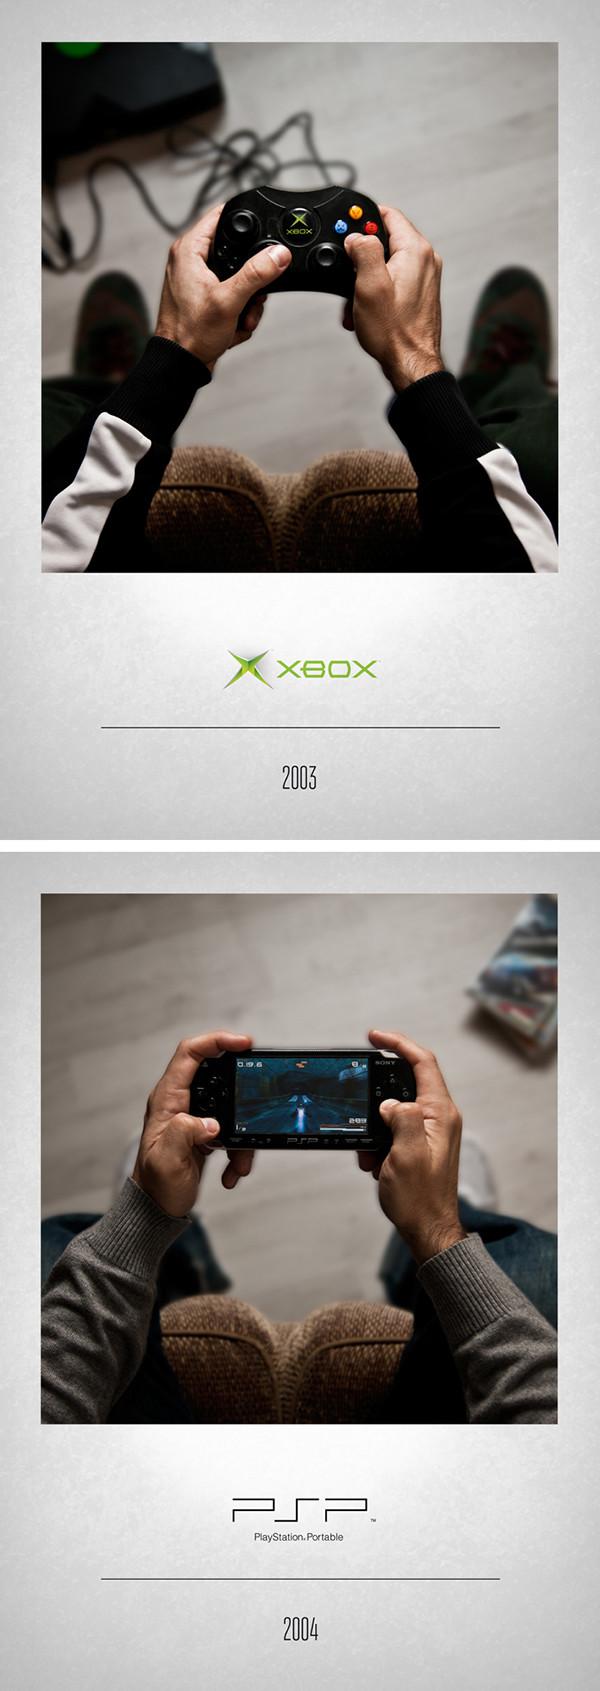 XBOX 2003 – PSP 2004